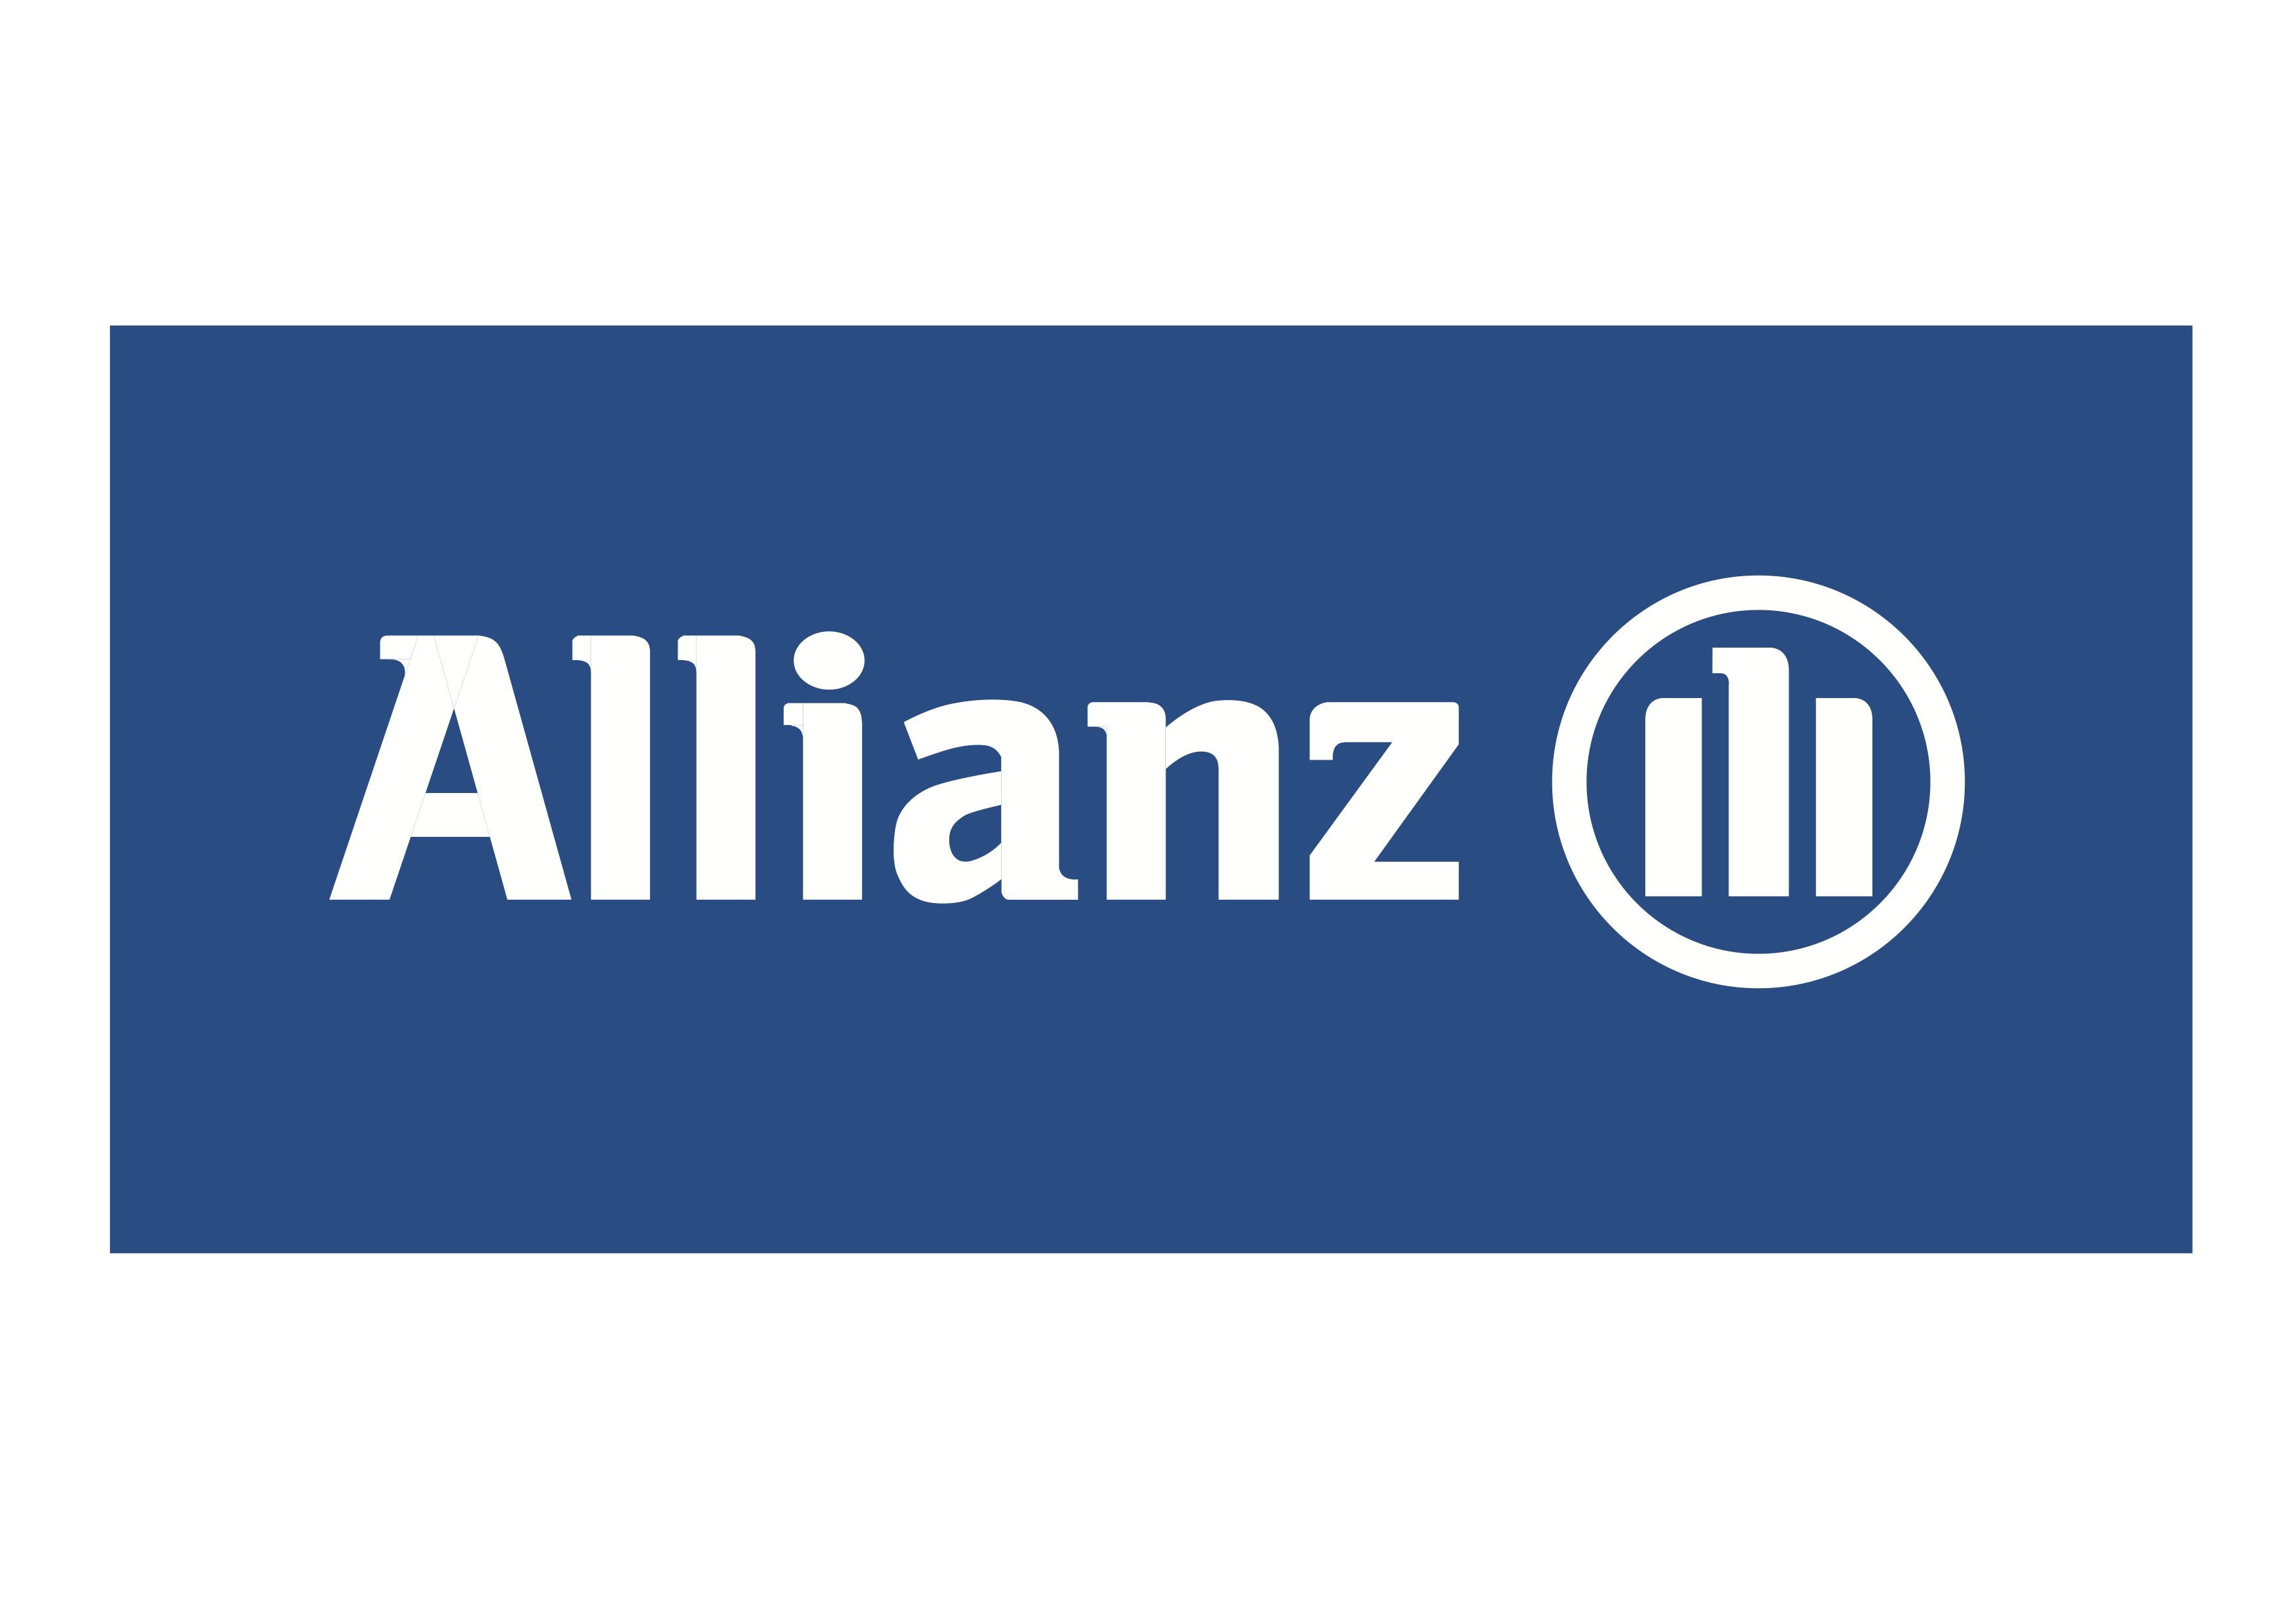 Alliance-BLUE-LOGO.png